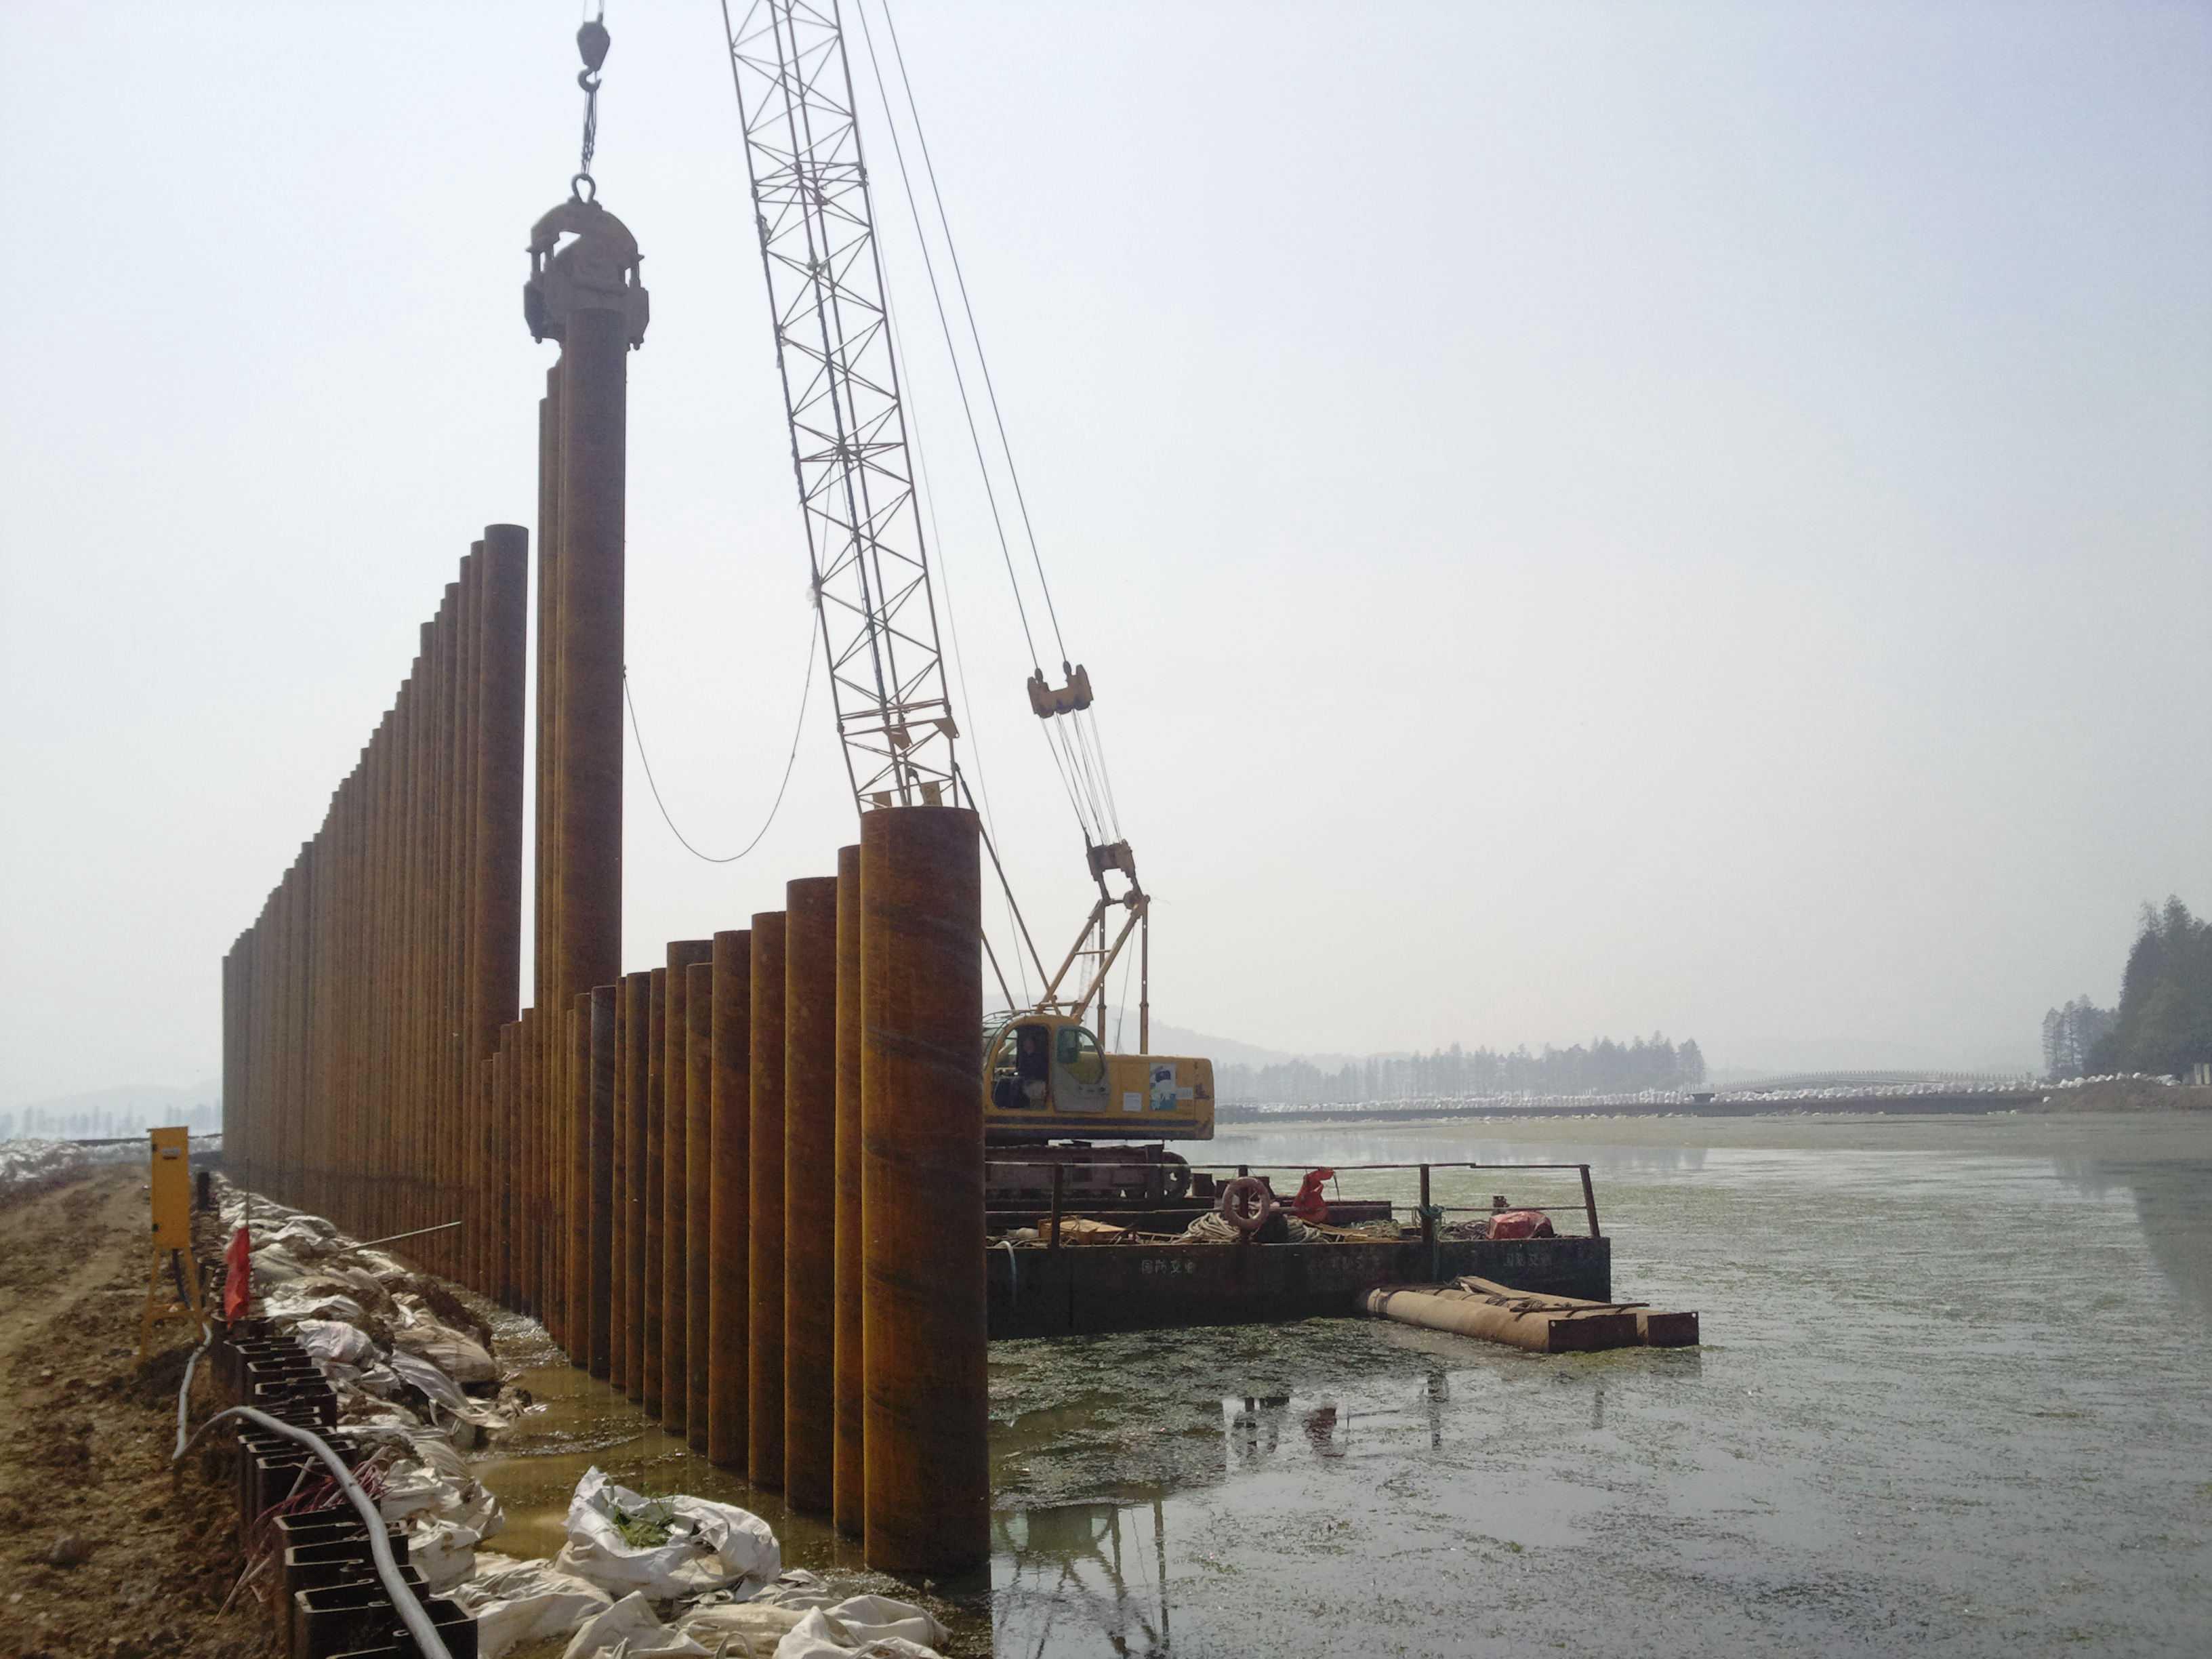 武汉拉森桩出租|拉森桩租赁|武汉拉森钢板桩施工|武汉